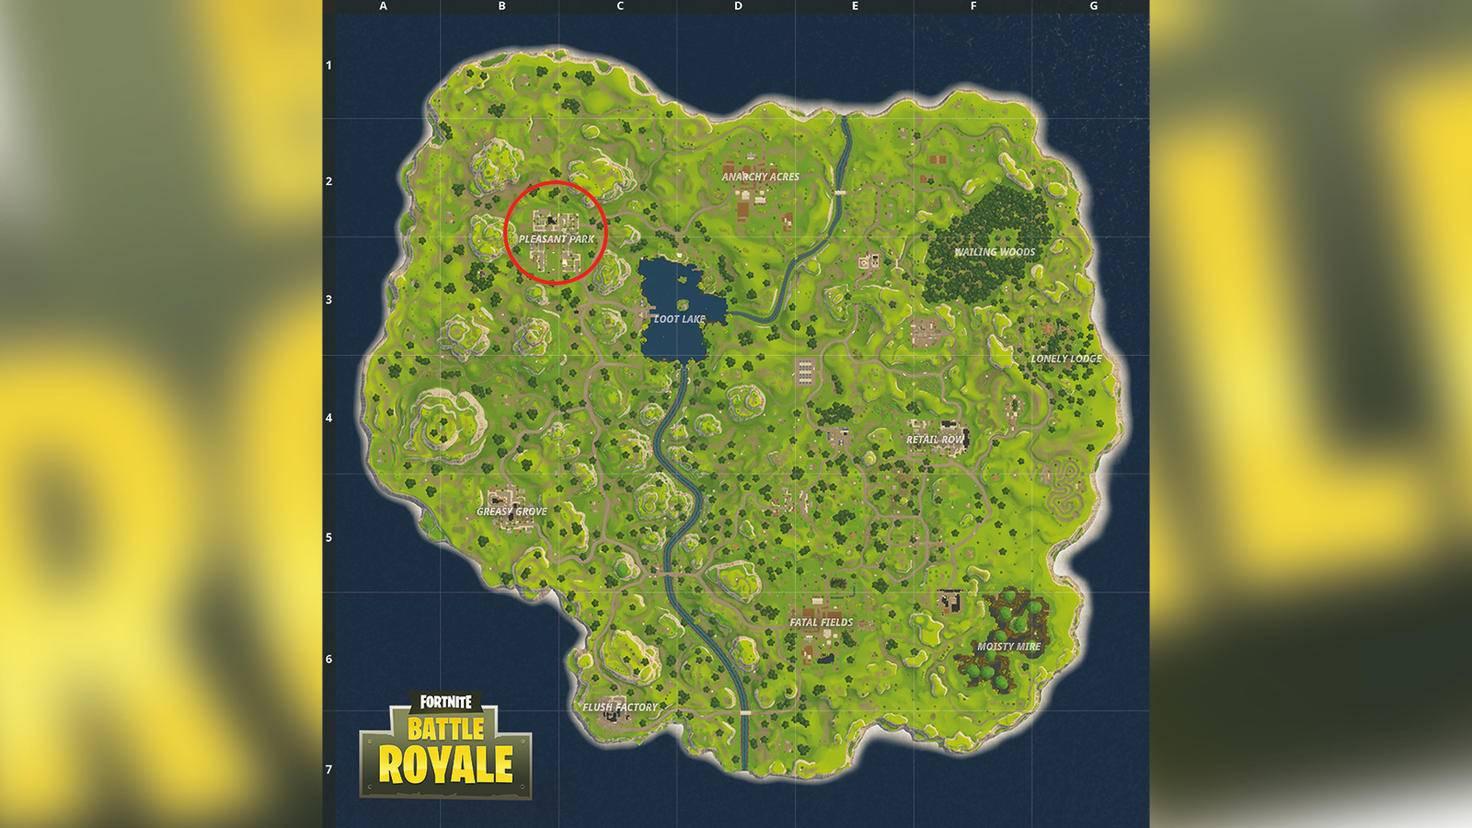 Fortnite Battle Royale Das Sind Die 14 Besten Loot Landeplätze